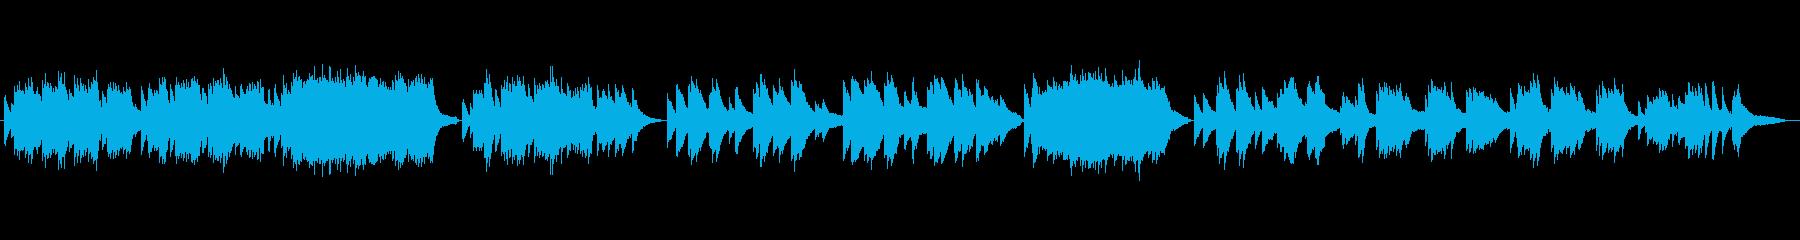 童謡『浜辺の歌』をピアノソロでの再生済みの波形